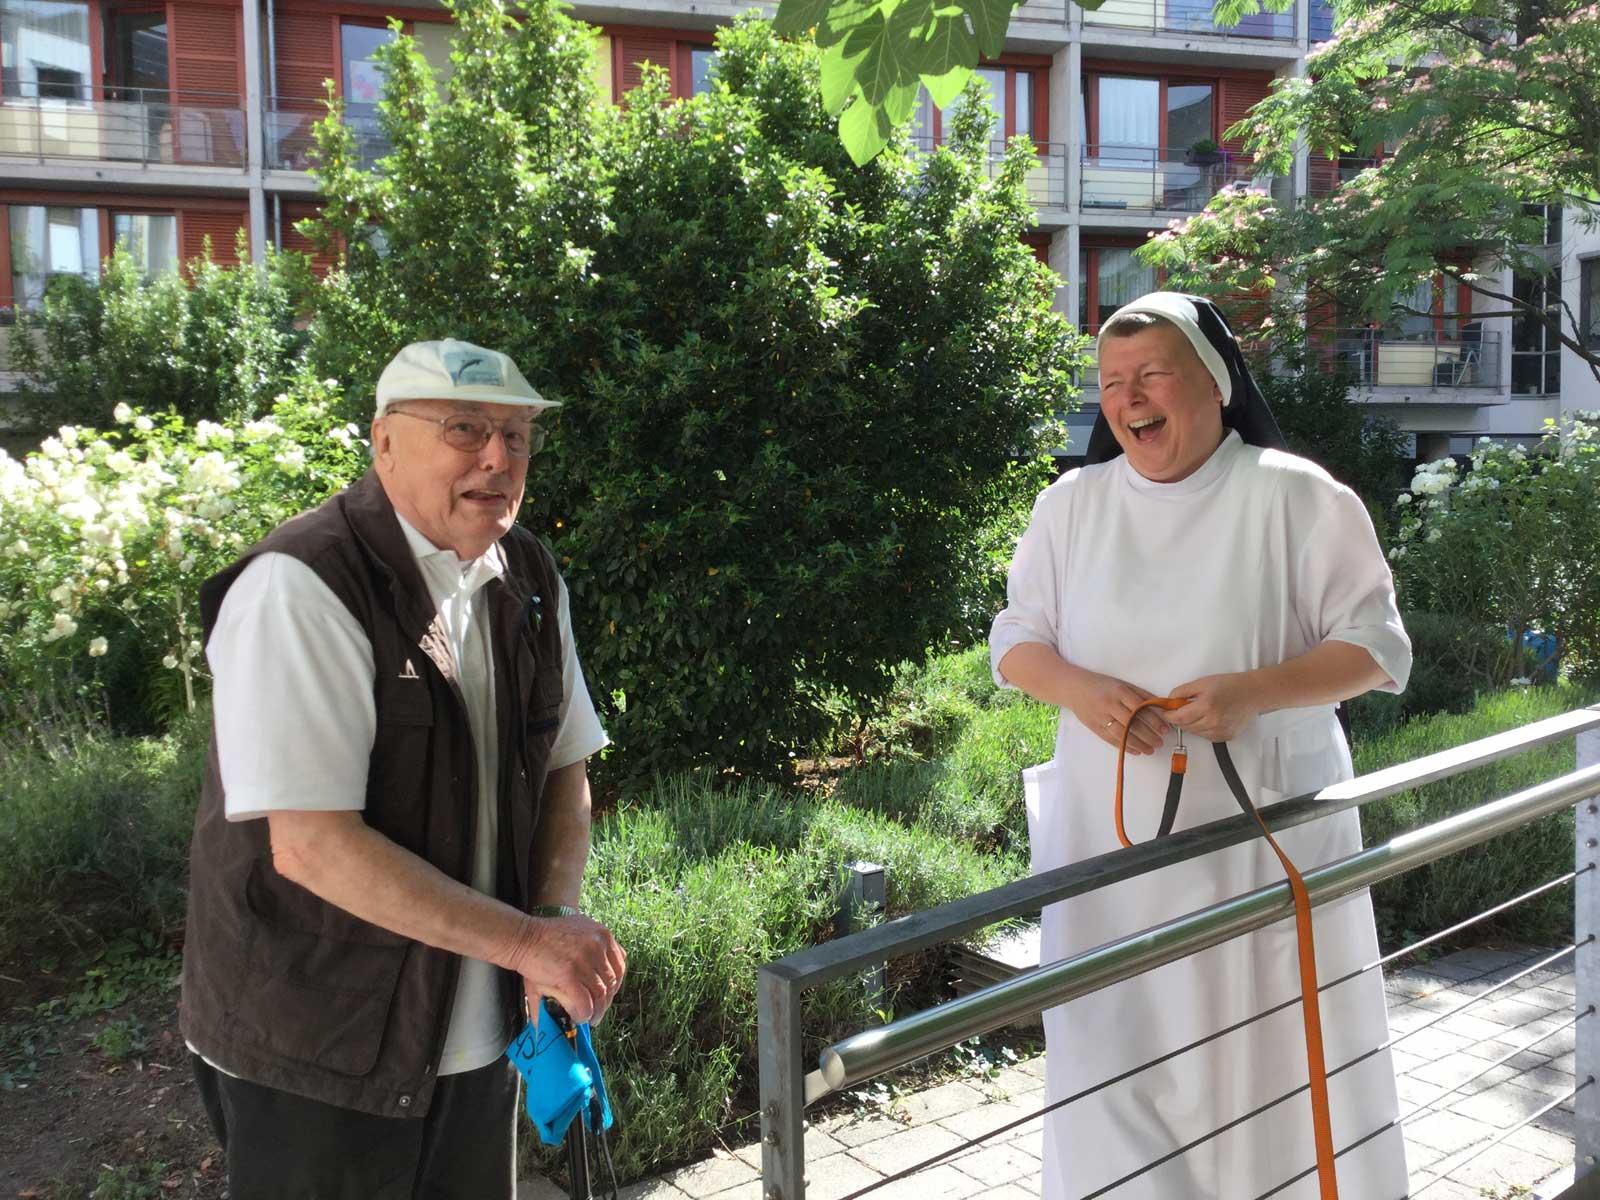 Seniorenzentrum-Bruder-Konrad-Stift-Schwestern-mit-Senioren-2